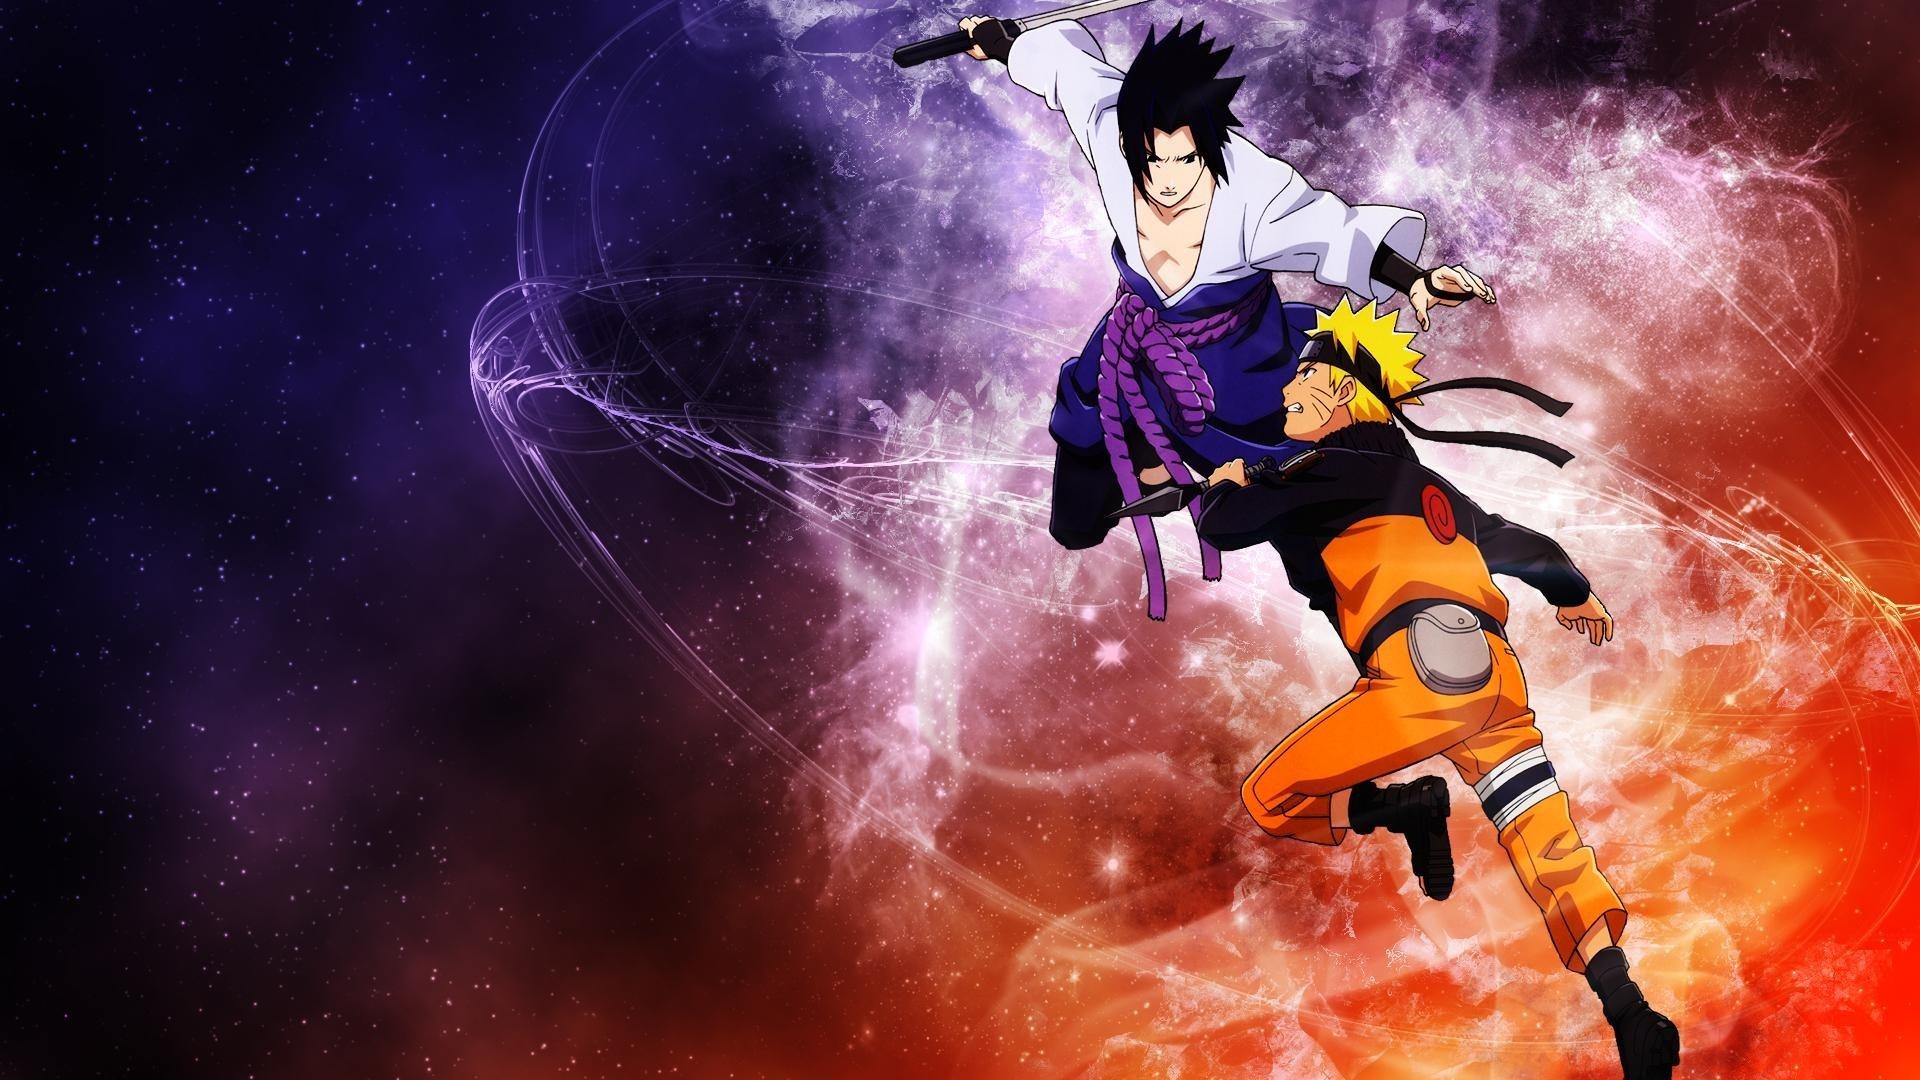 Naruto cool wallpaper